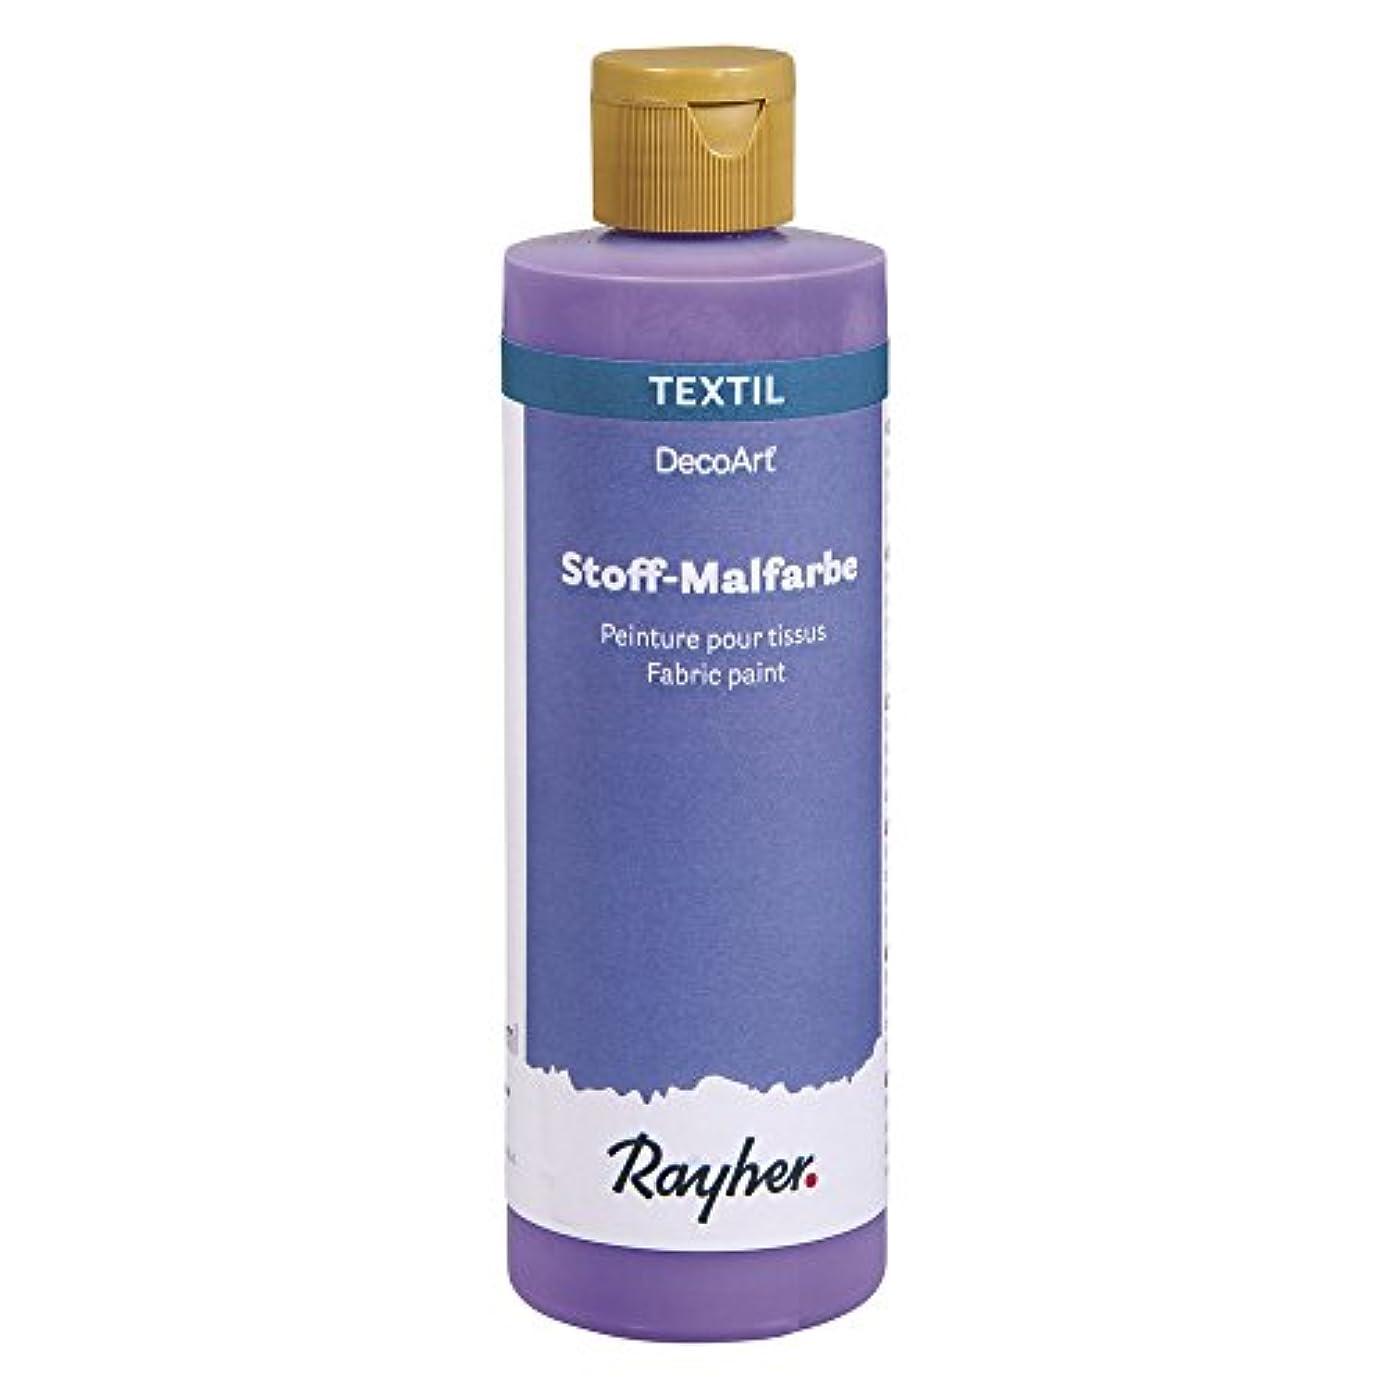 RAYHER 38951314?Fabric Paint Colour?–?Bottle (Purple, 5?x 5?x 16.5?cm